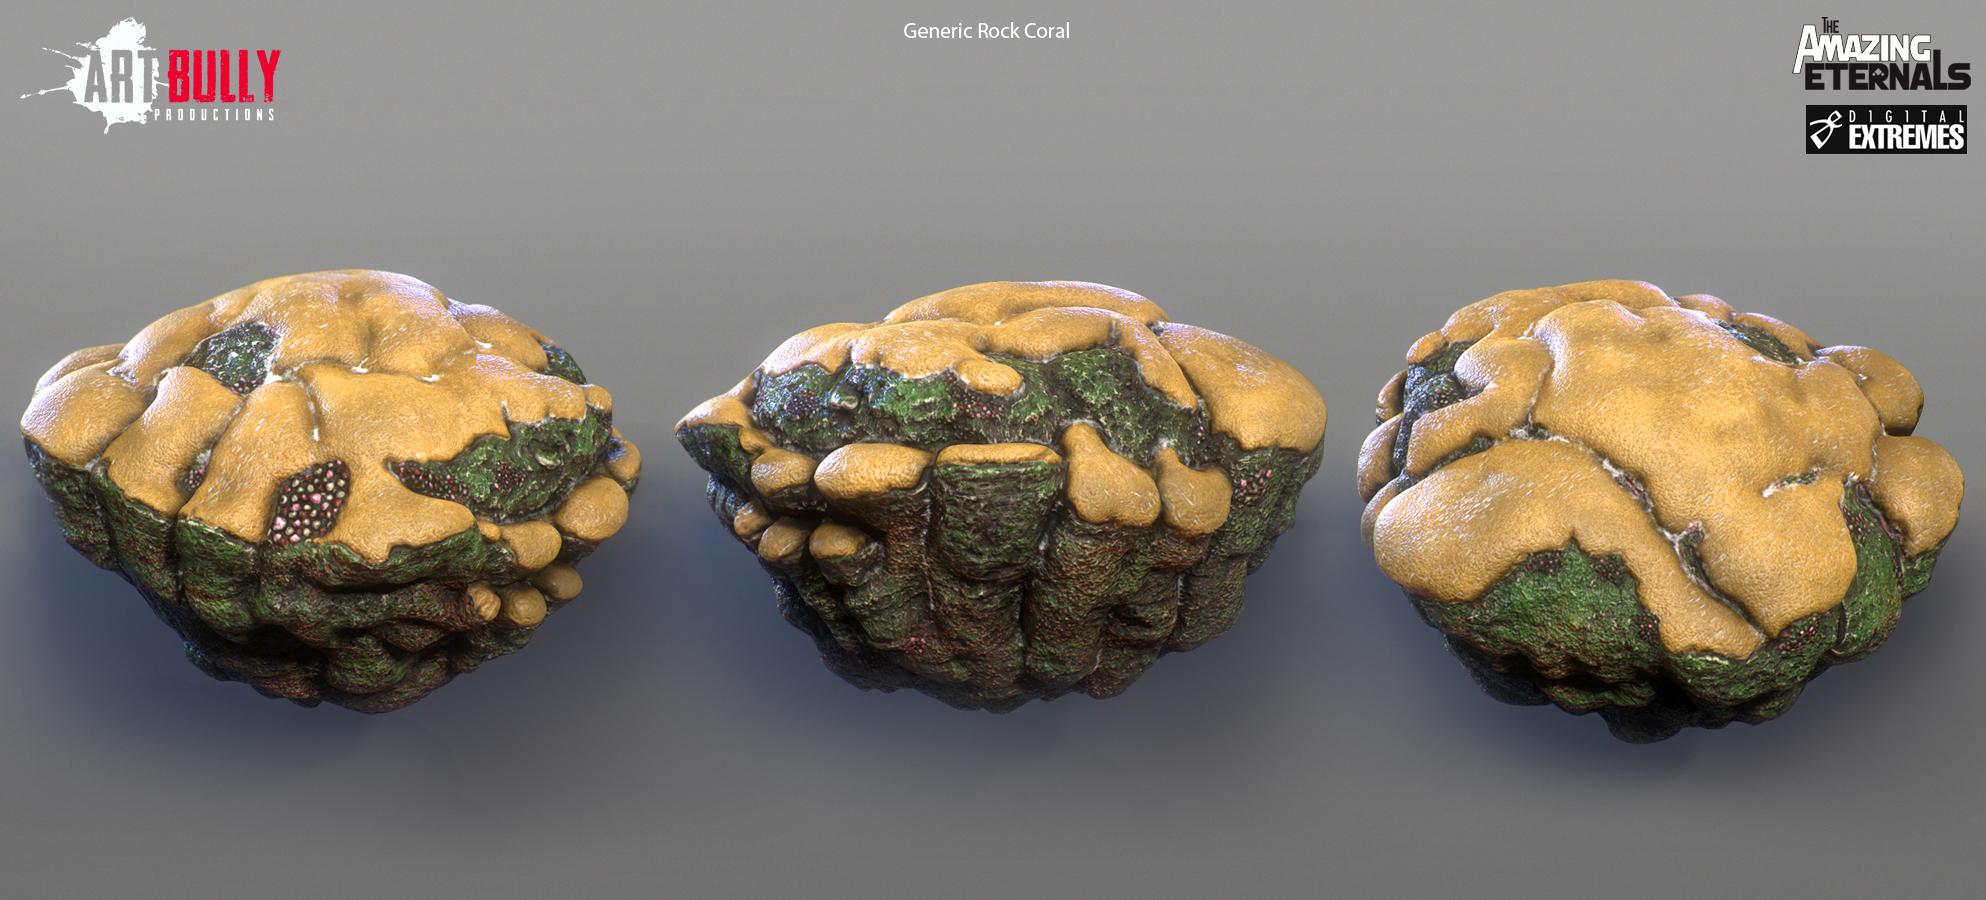 Generic_Rock_Coral_Render.jpg